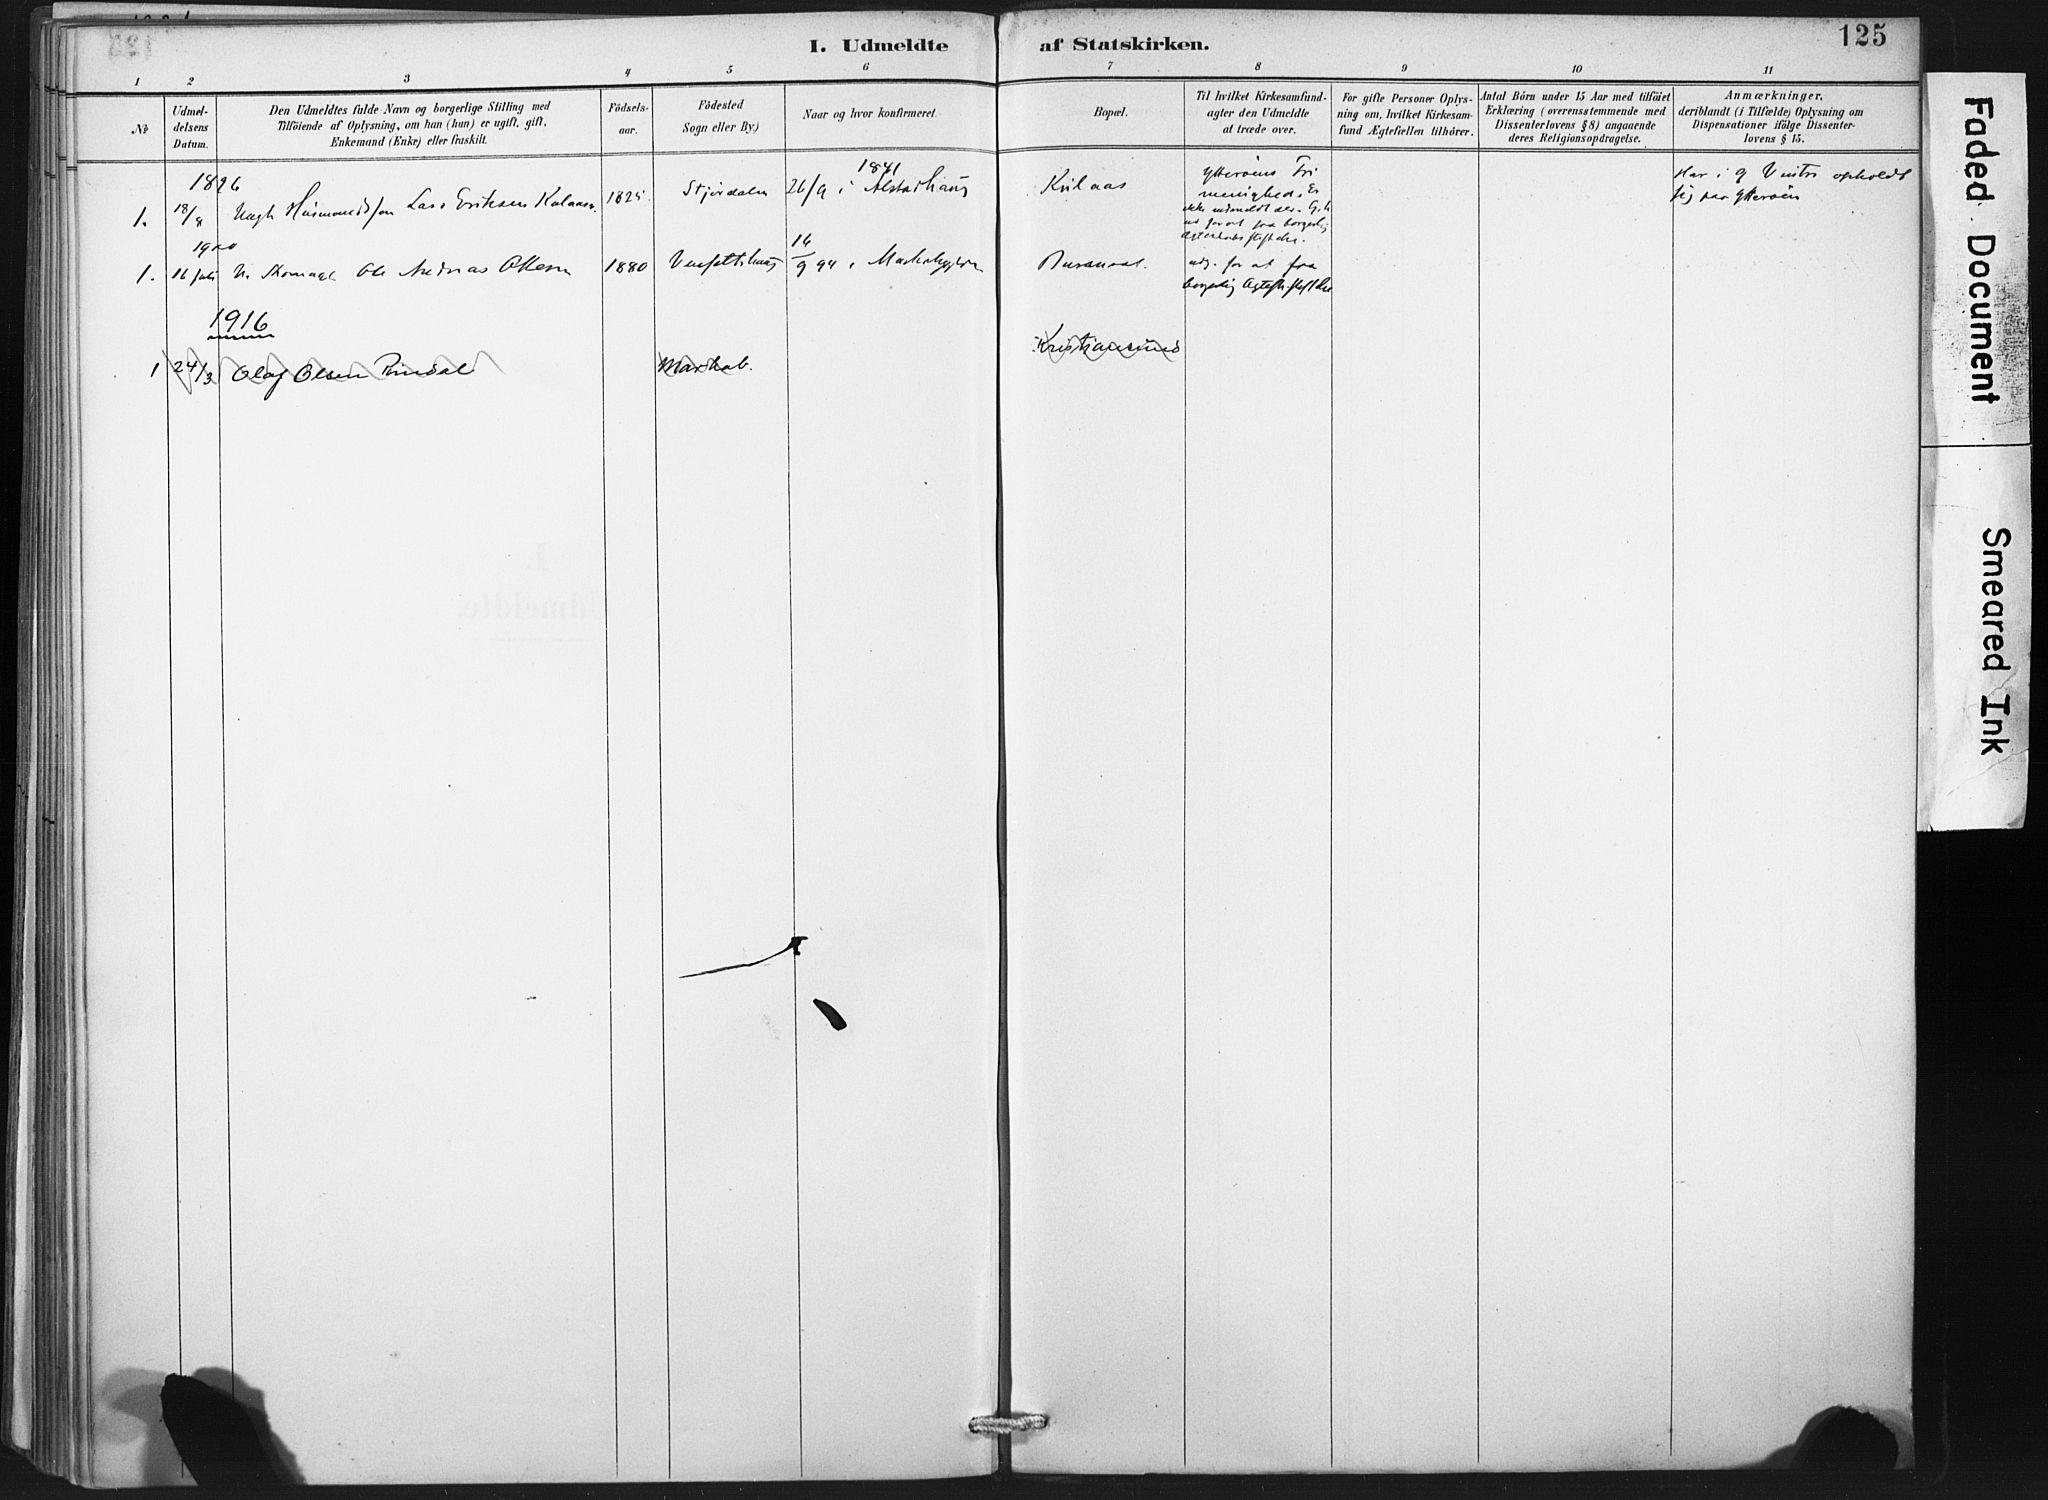 SAT, Ministerialprotokoller, klokkerbøker og fødselsregistre - Nord-Trøndelag, 718/L0175: Ministerialbok nr. 718A01, 1890-1923, s. 125